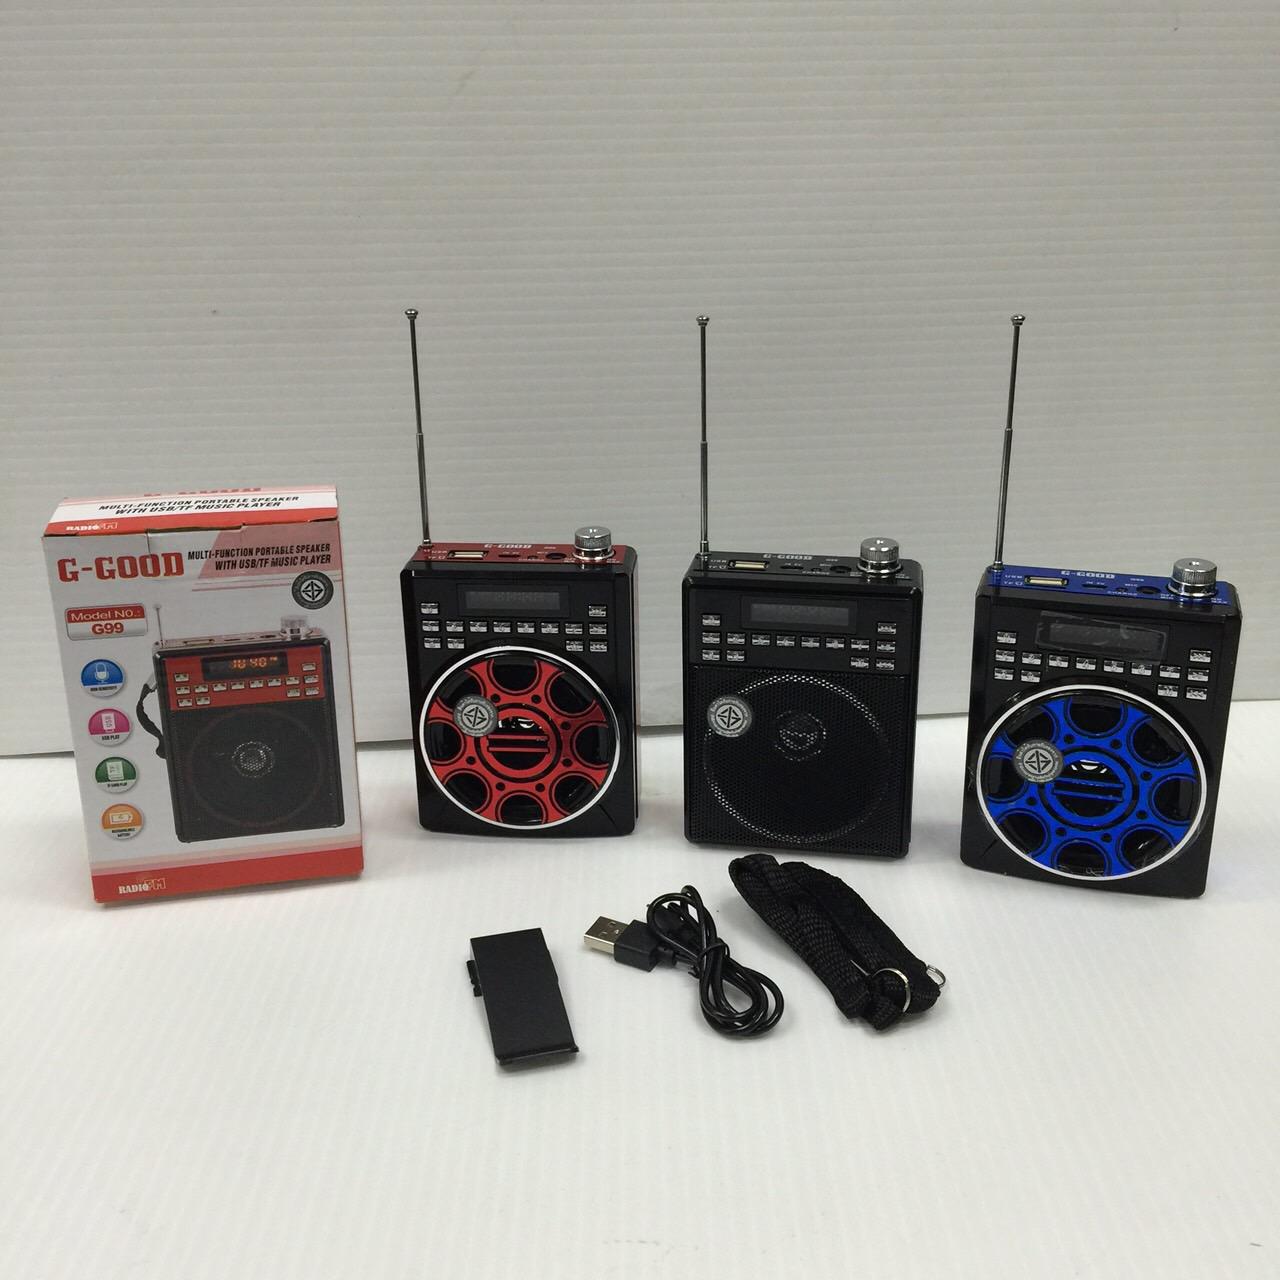 วิทยุ fm G-Good รุ่น G-99